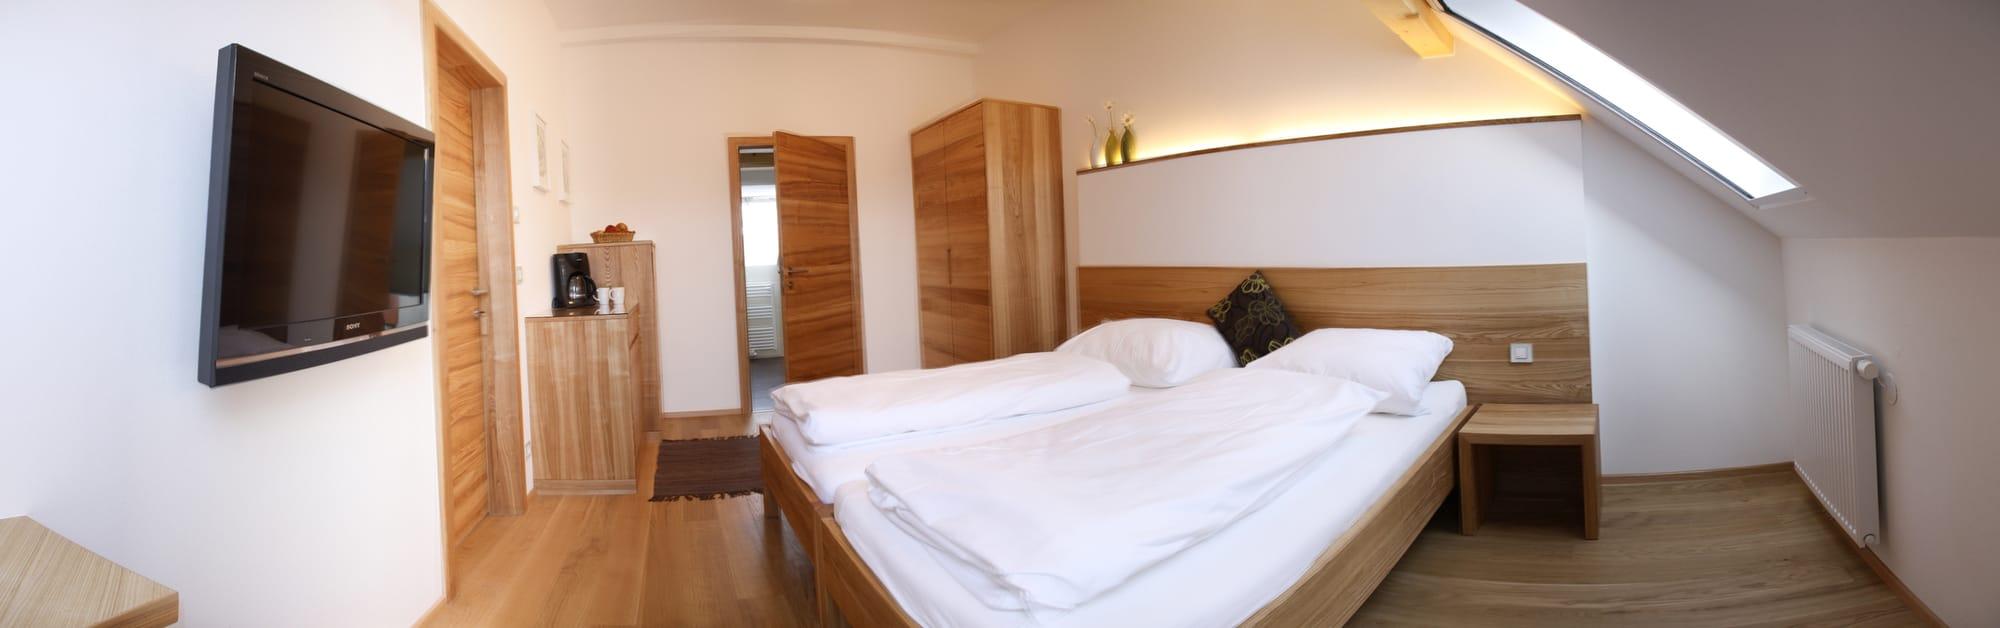 Doppelzimmer Luisenhöhe